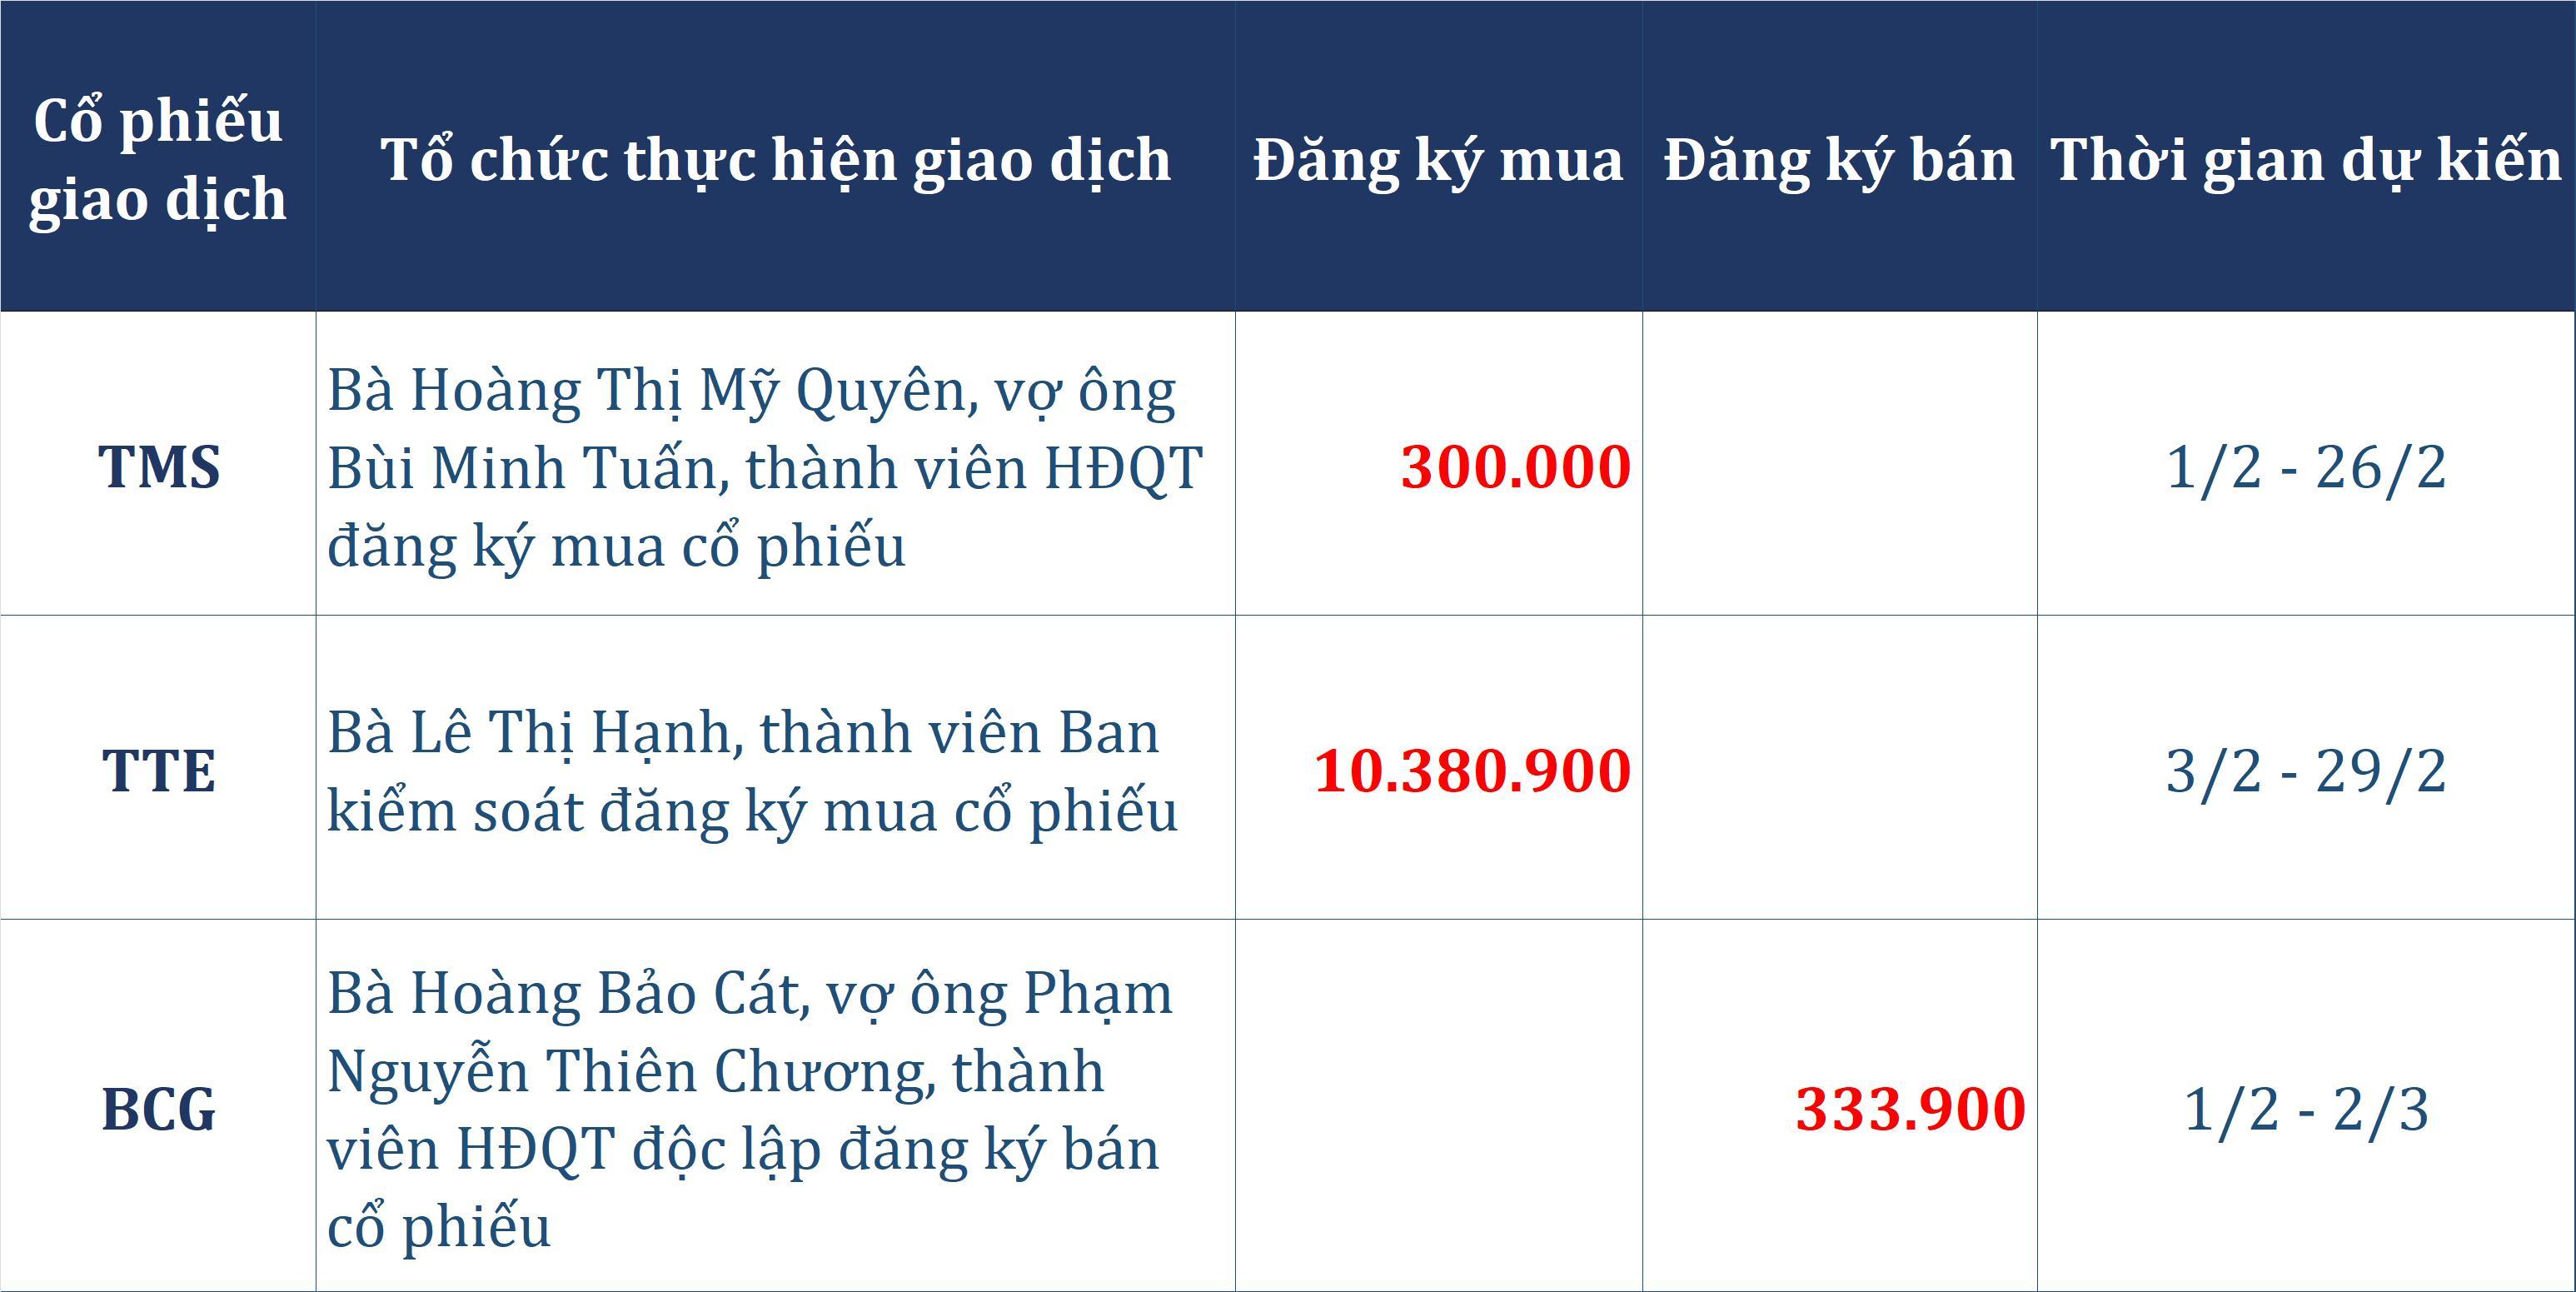 Dòng tiền thông minh 28/1: Tự doanh xả 400 tỷ đồng phiên giảm sâu, tập trung MBB và HPG - Ảnh 2.